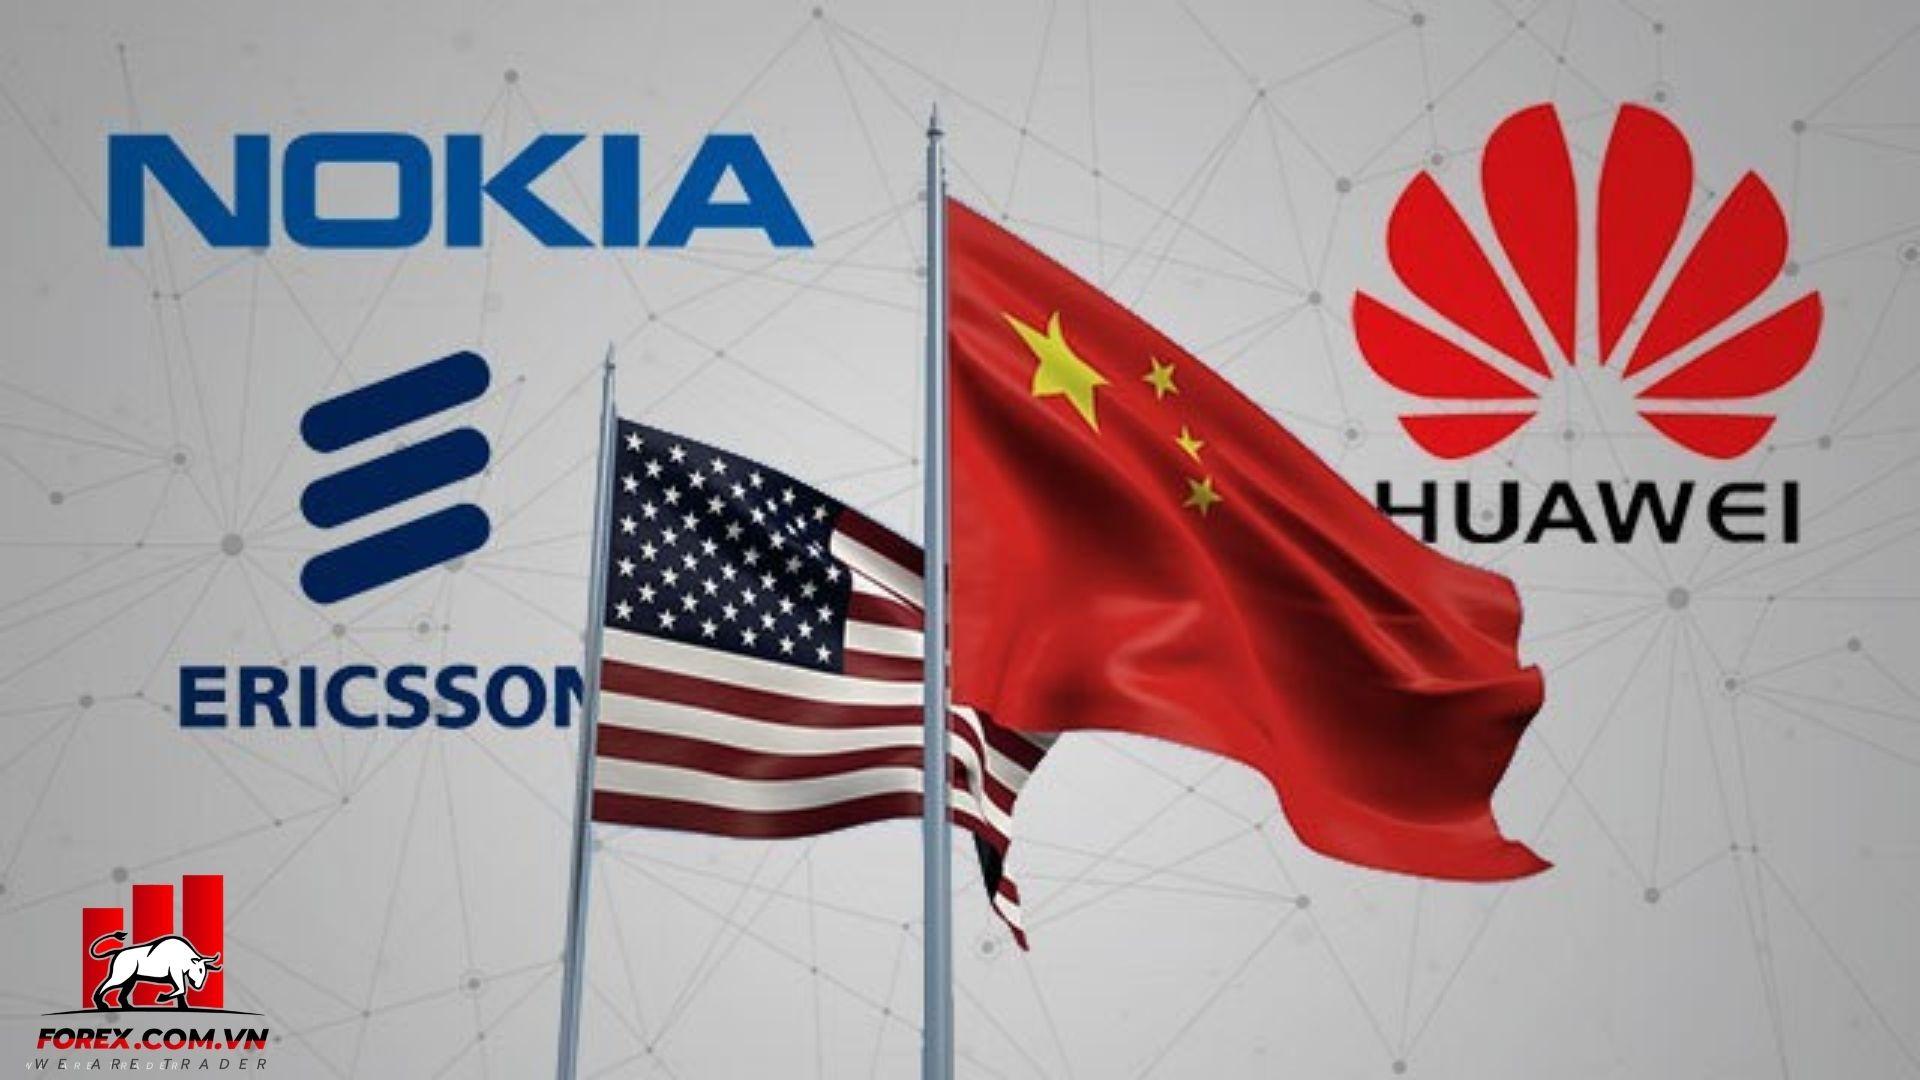 Tẩy chay Huawei